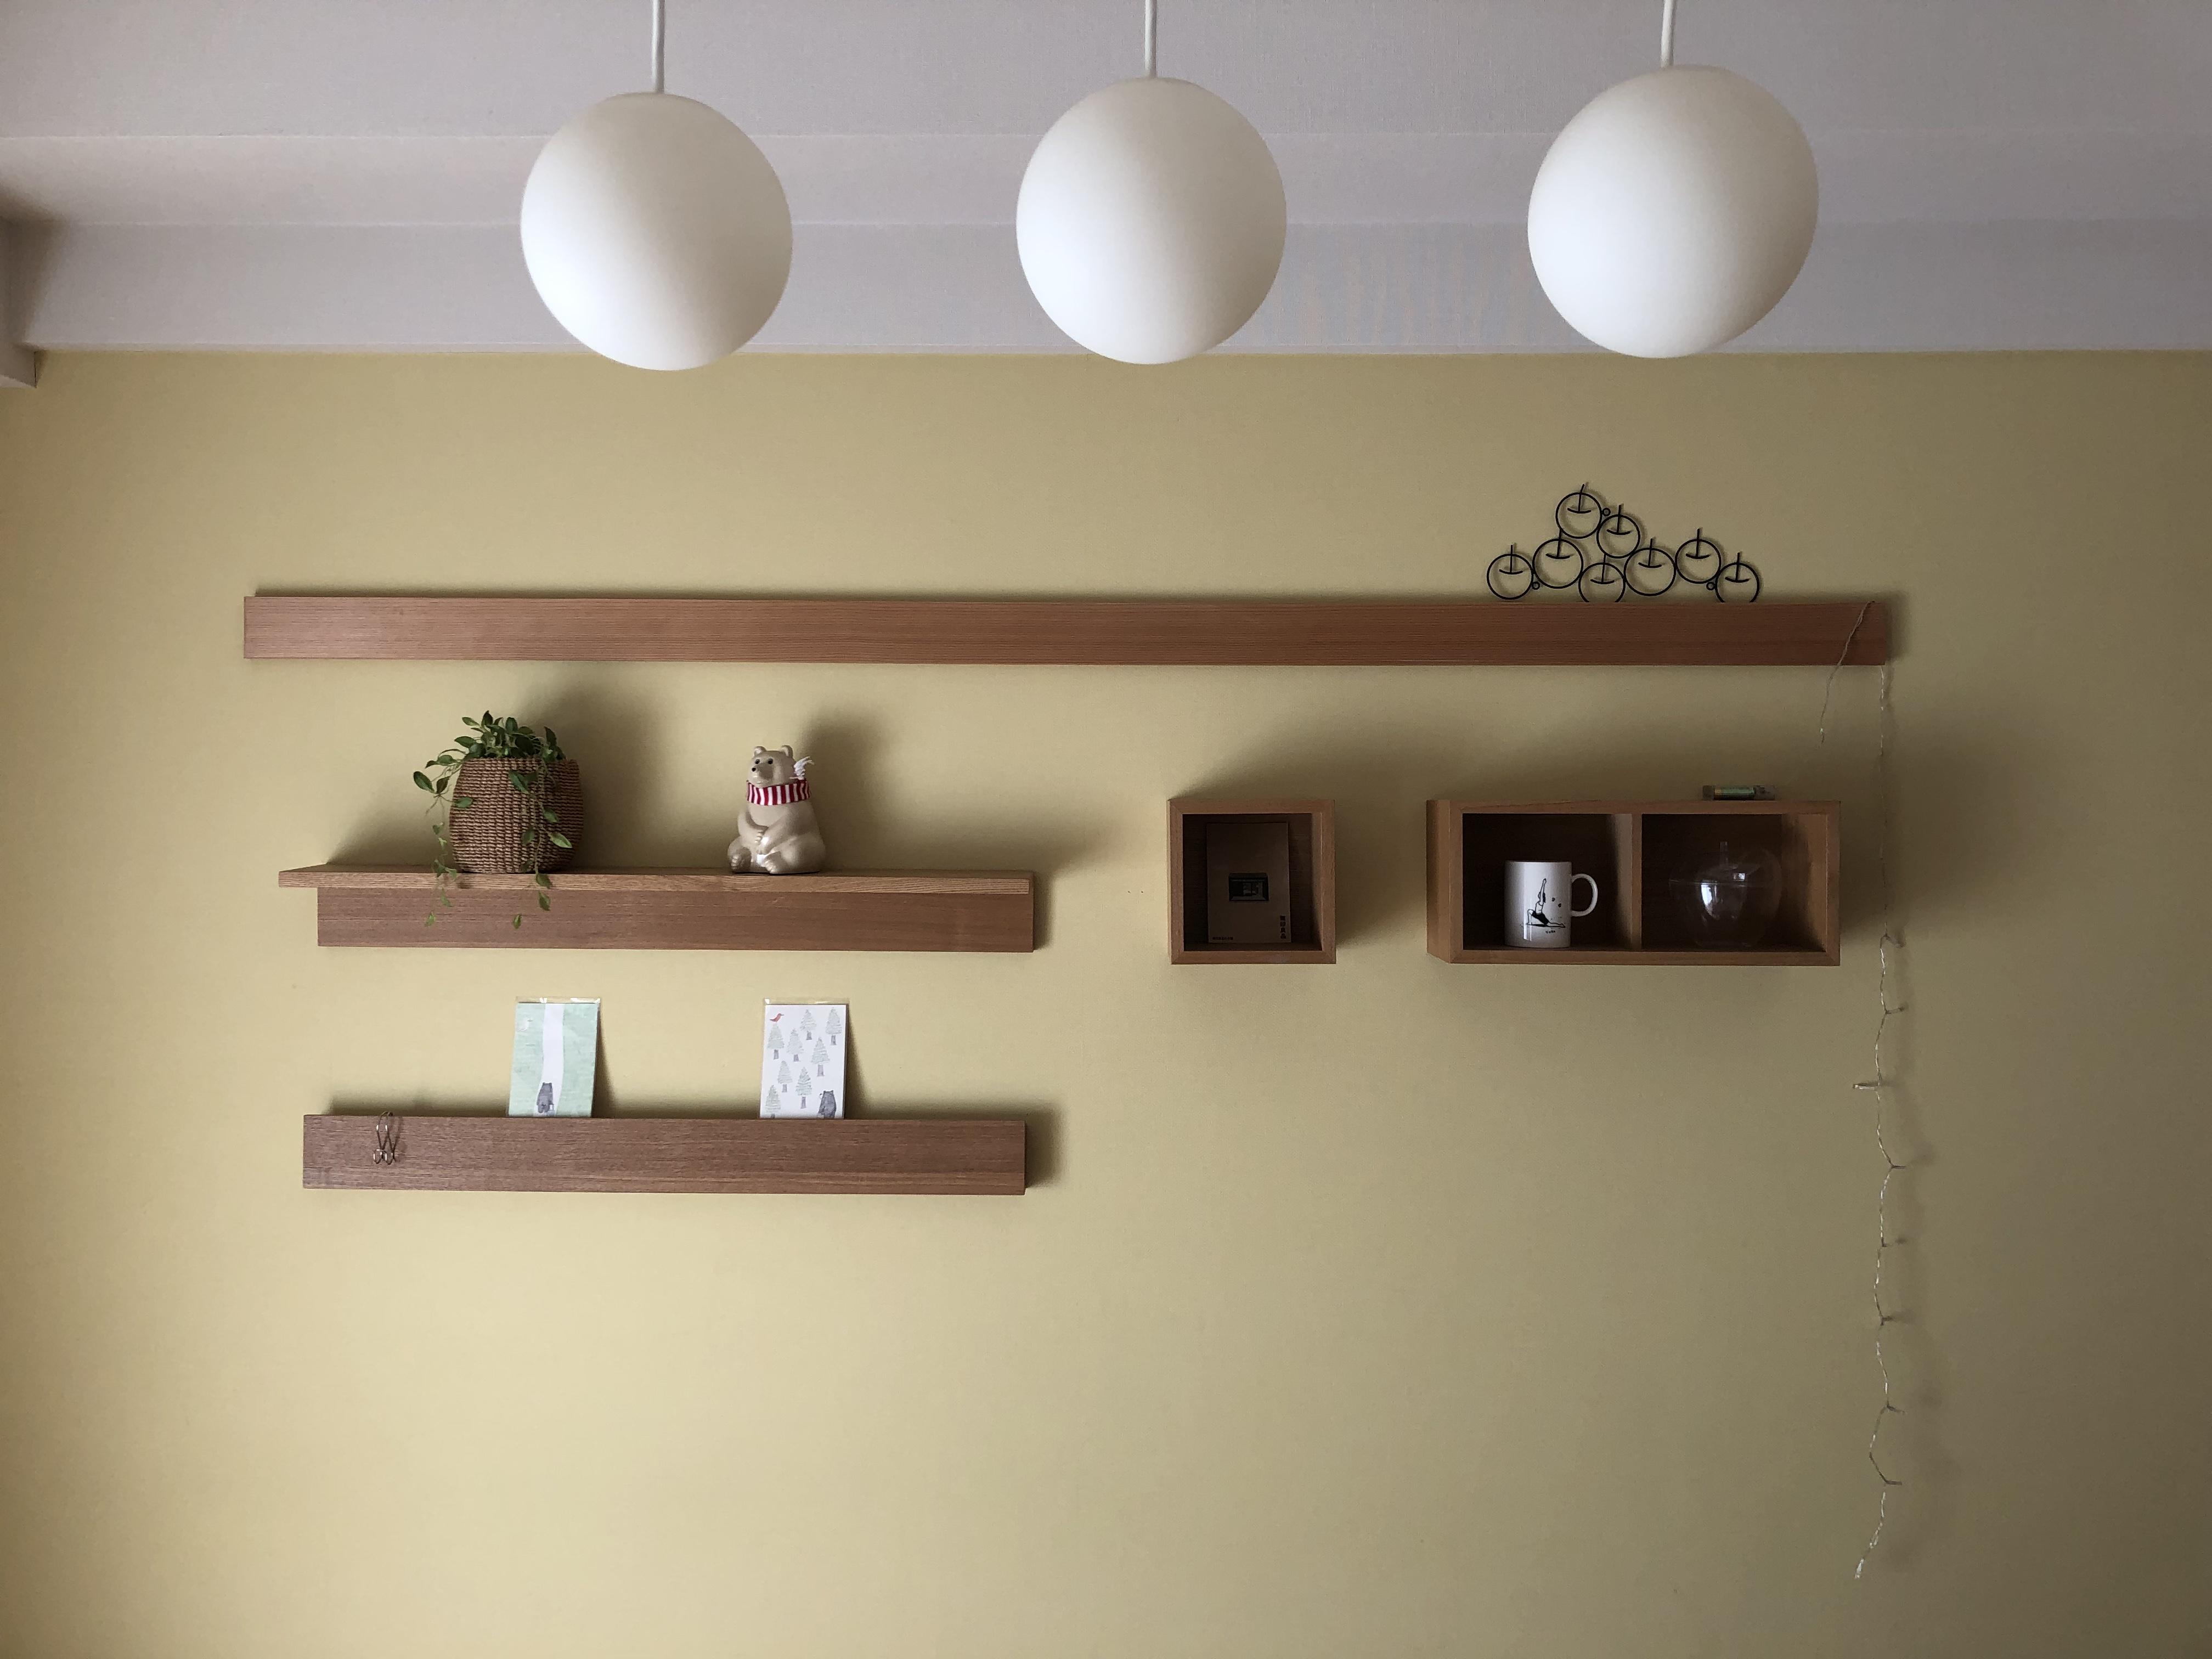 無印 良品 壁 に 付け られる 家具 スペースを有効活用!無印良品「壁に付けられる家具」のインテリア実...